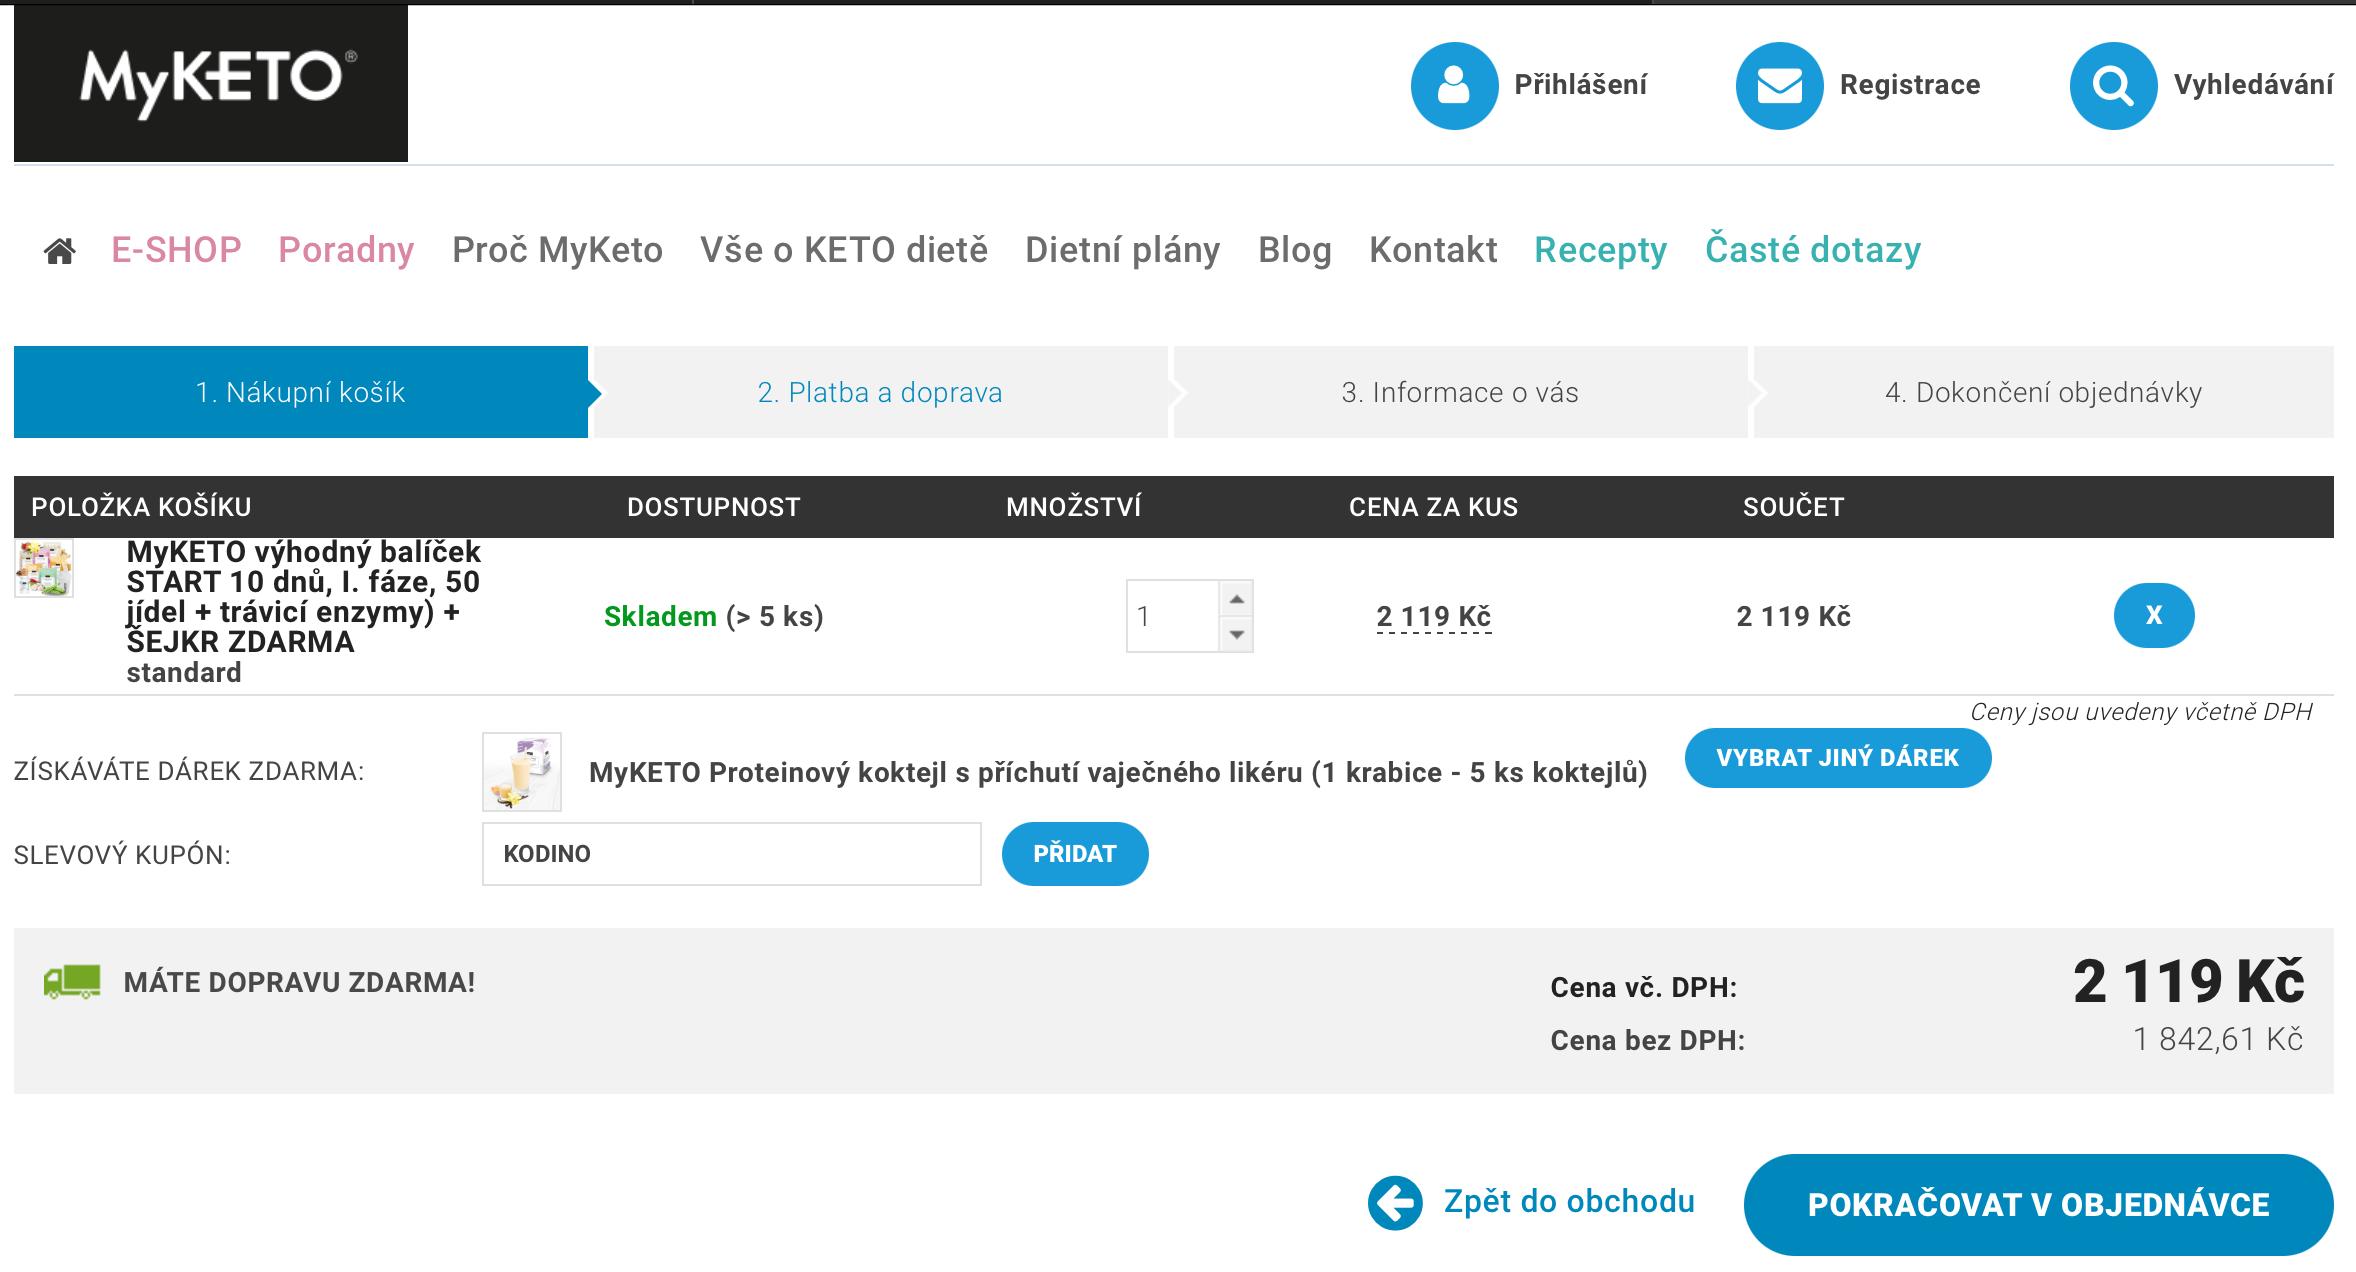 Myketo.cz